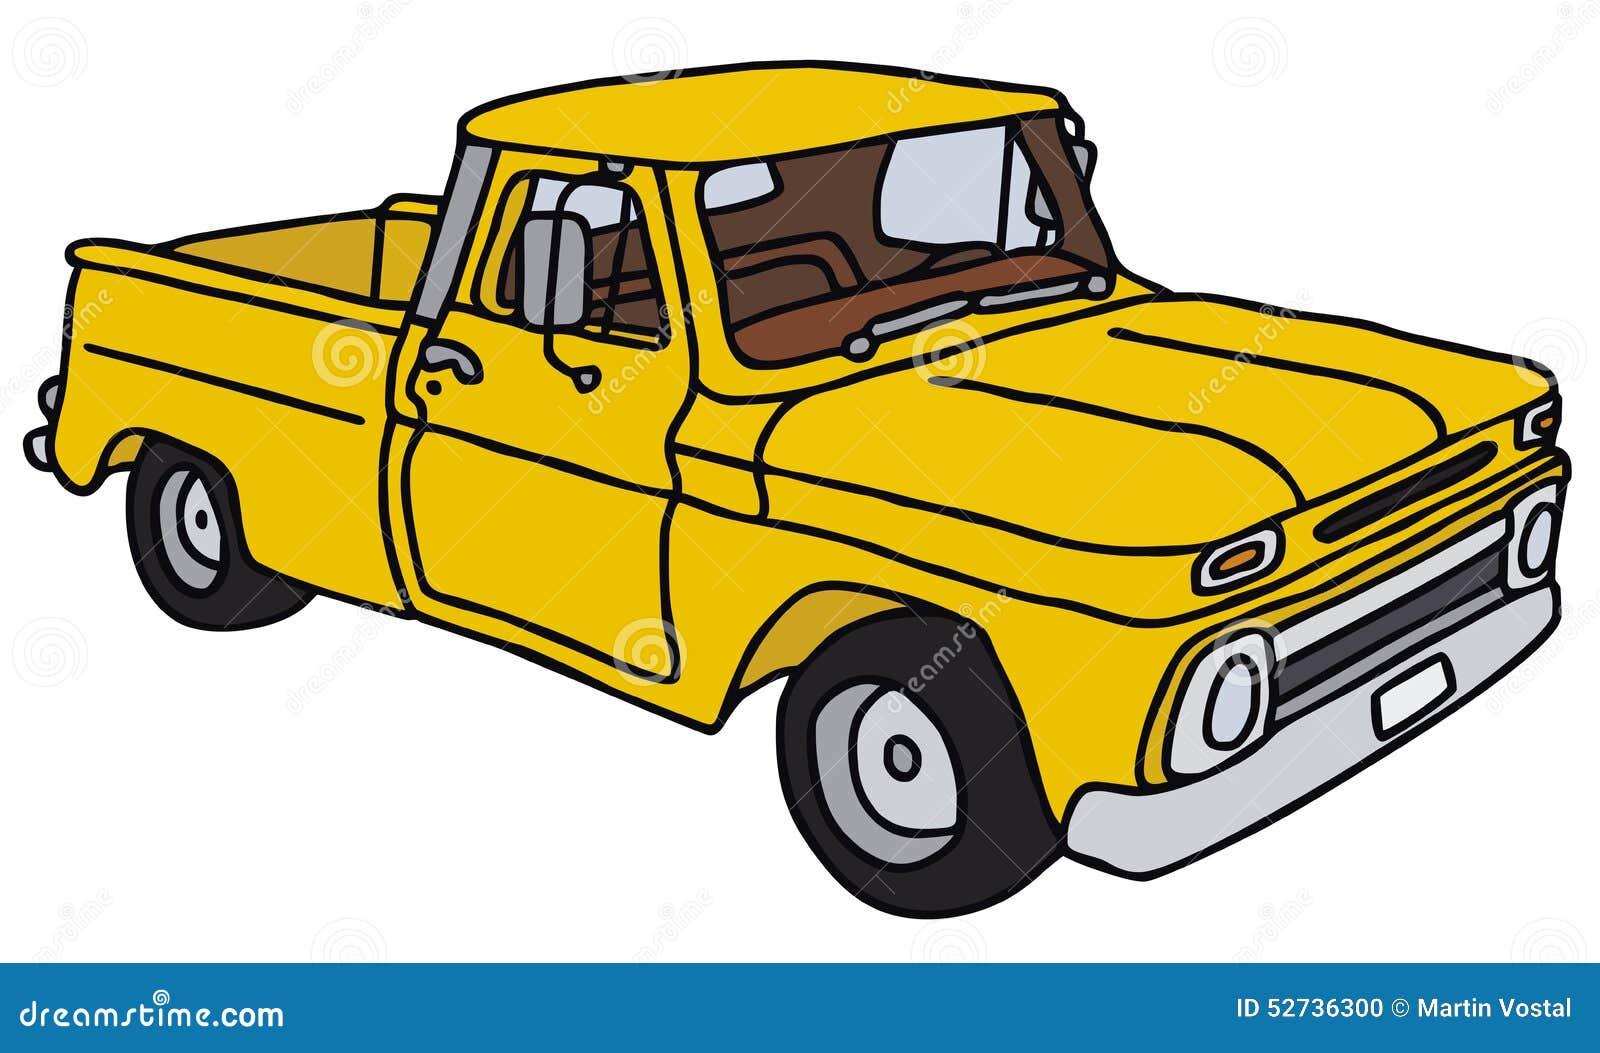 vieille camionnette de livraison jaune illustration de vecteur image 52736300. Black Bedroom Furniture Sets. Home Design Ideas